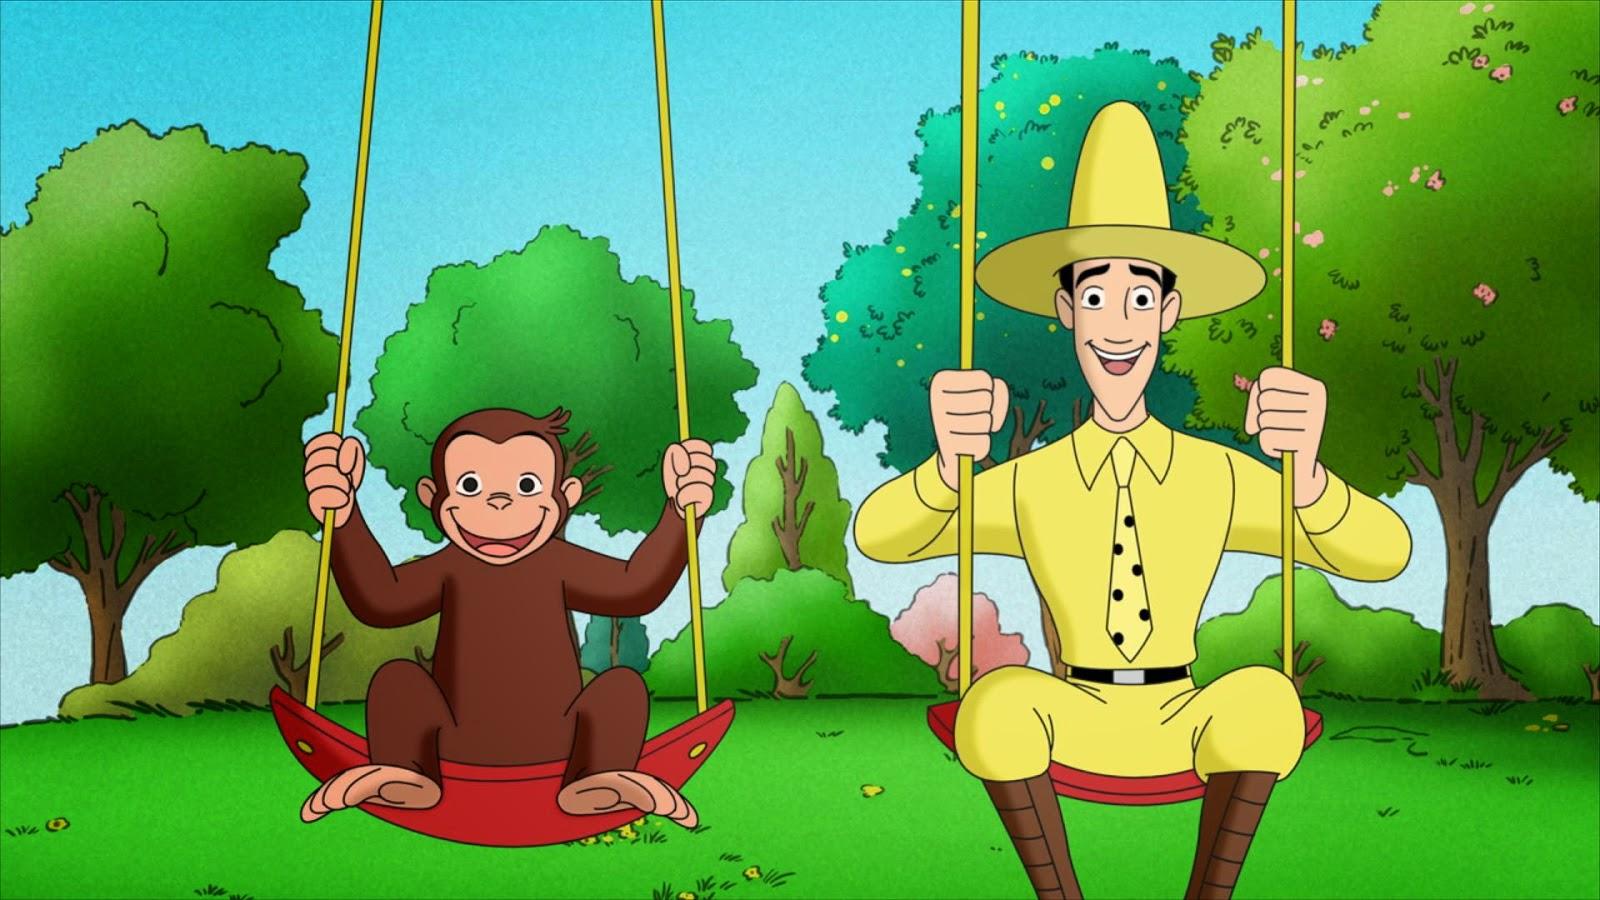 gambar monyet kartun